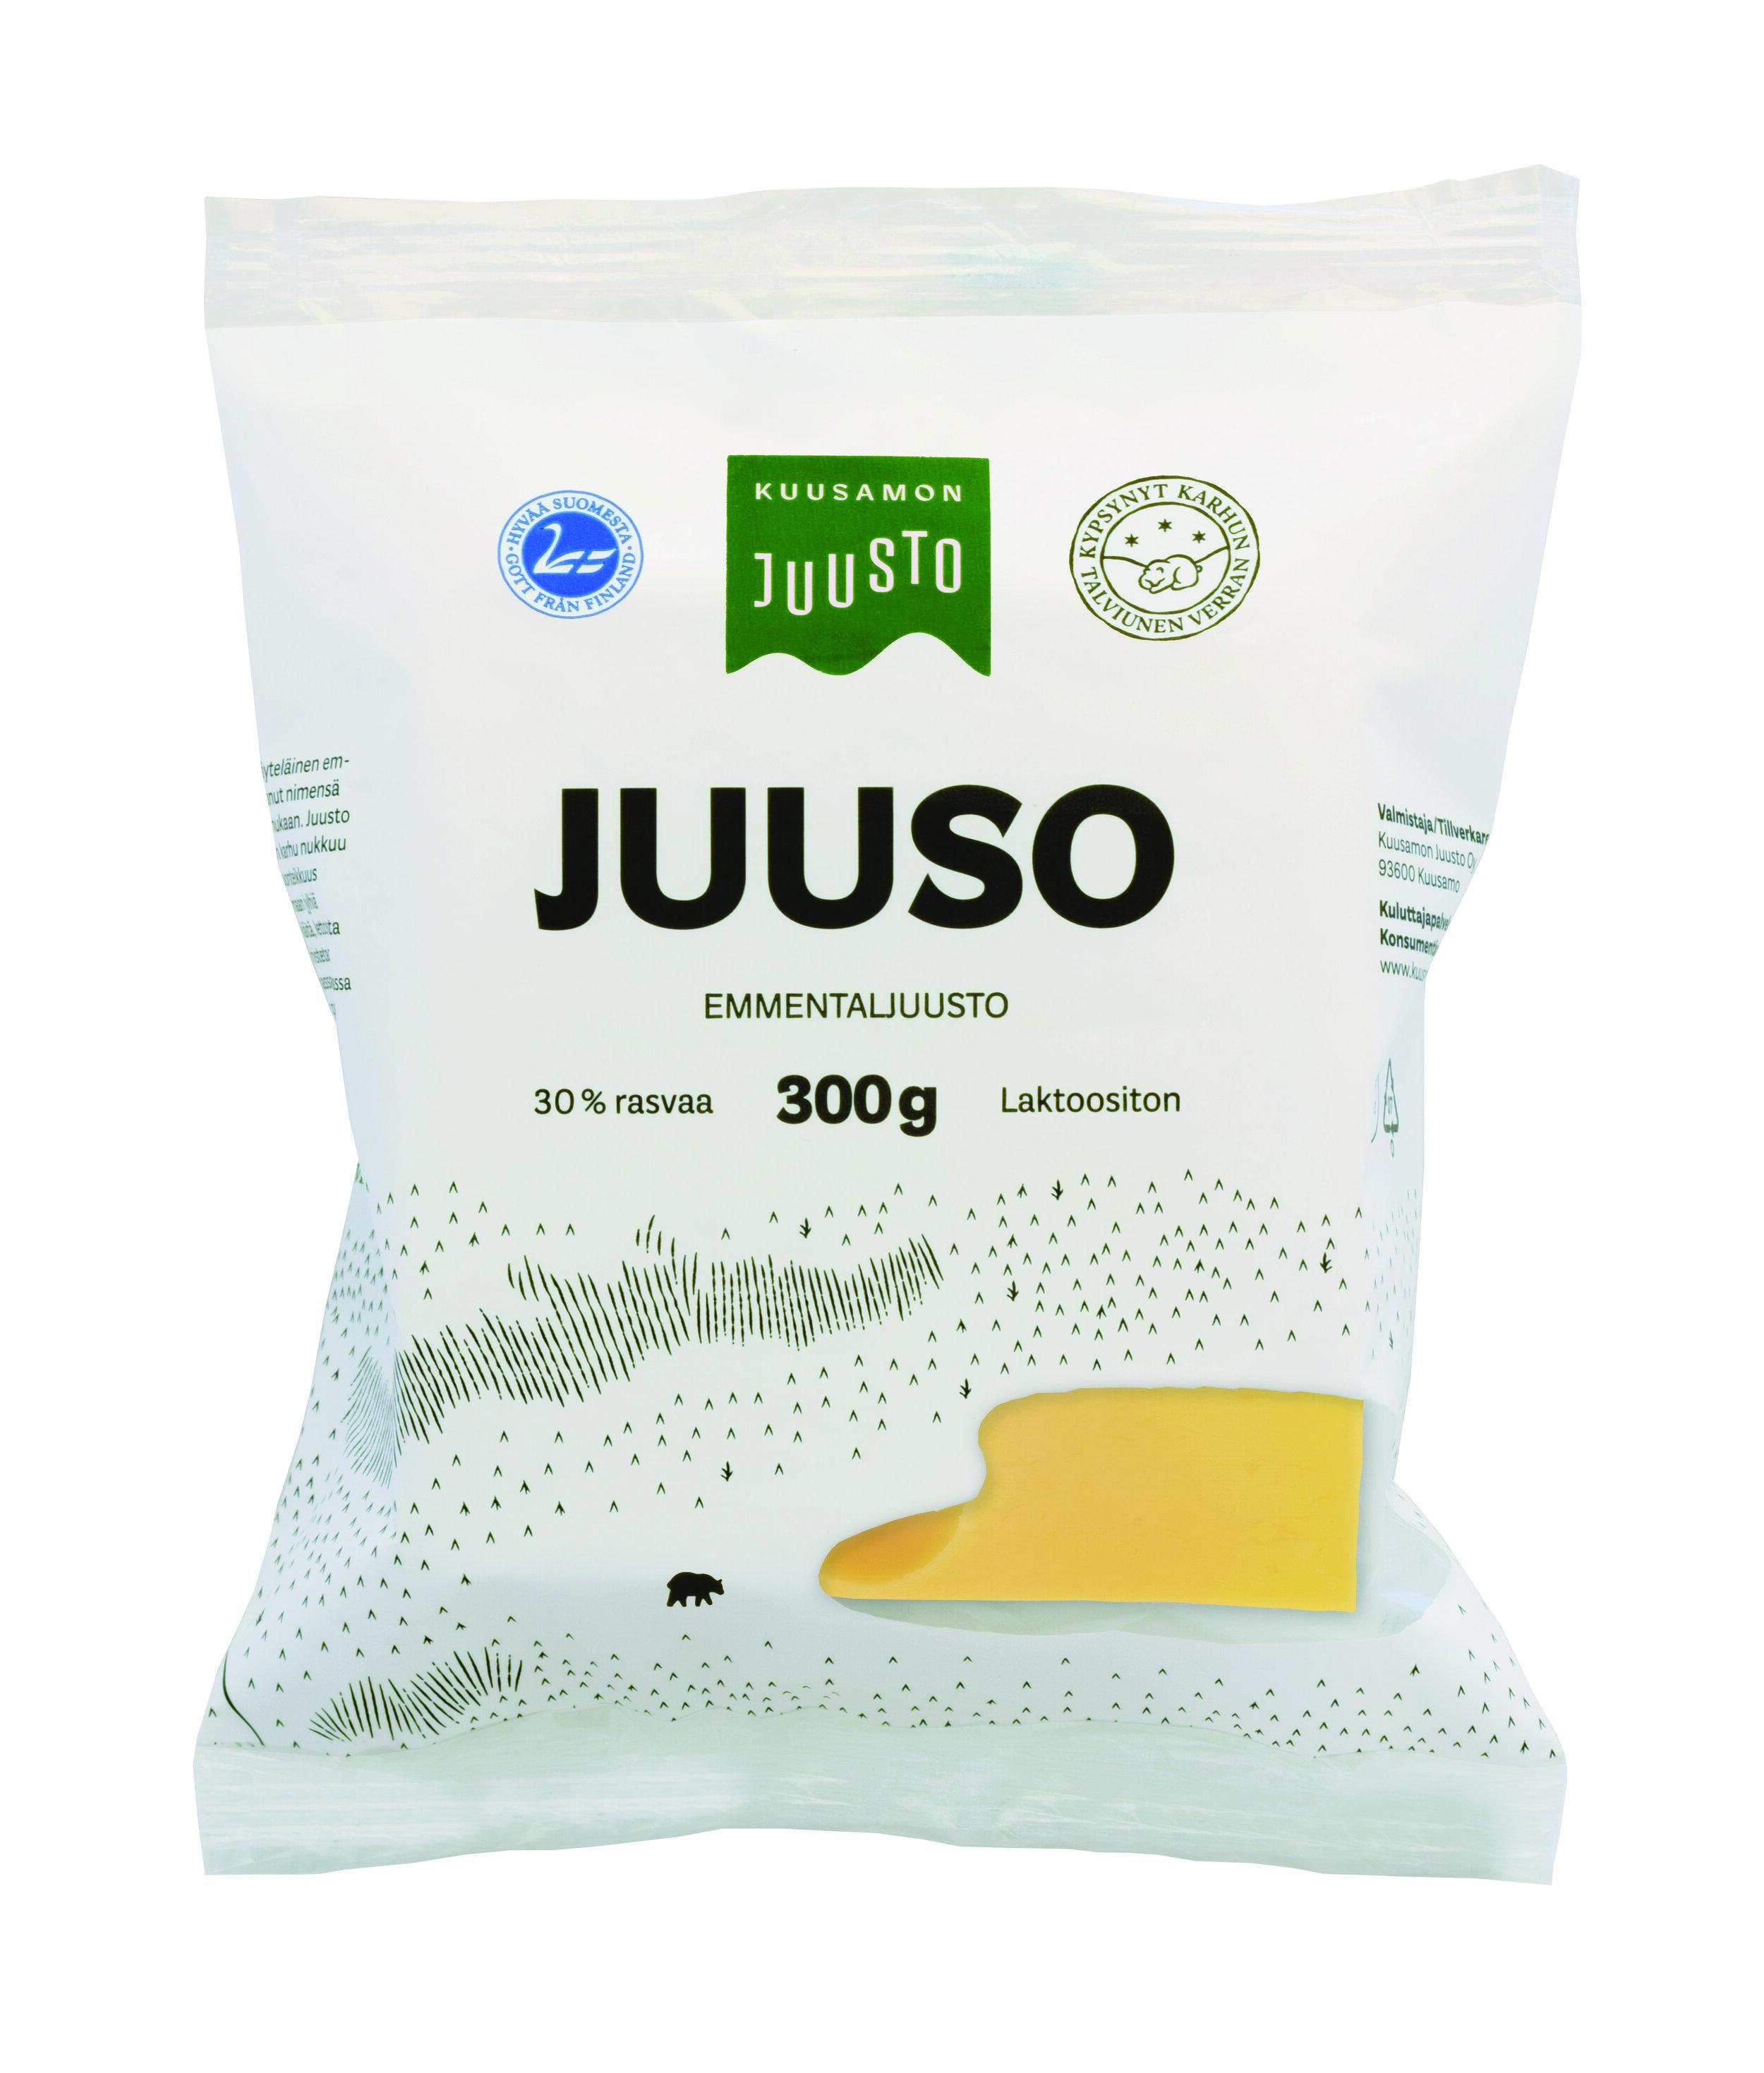 kuusamon-juusto-juuso-300.jpg